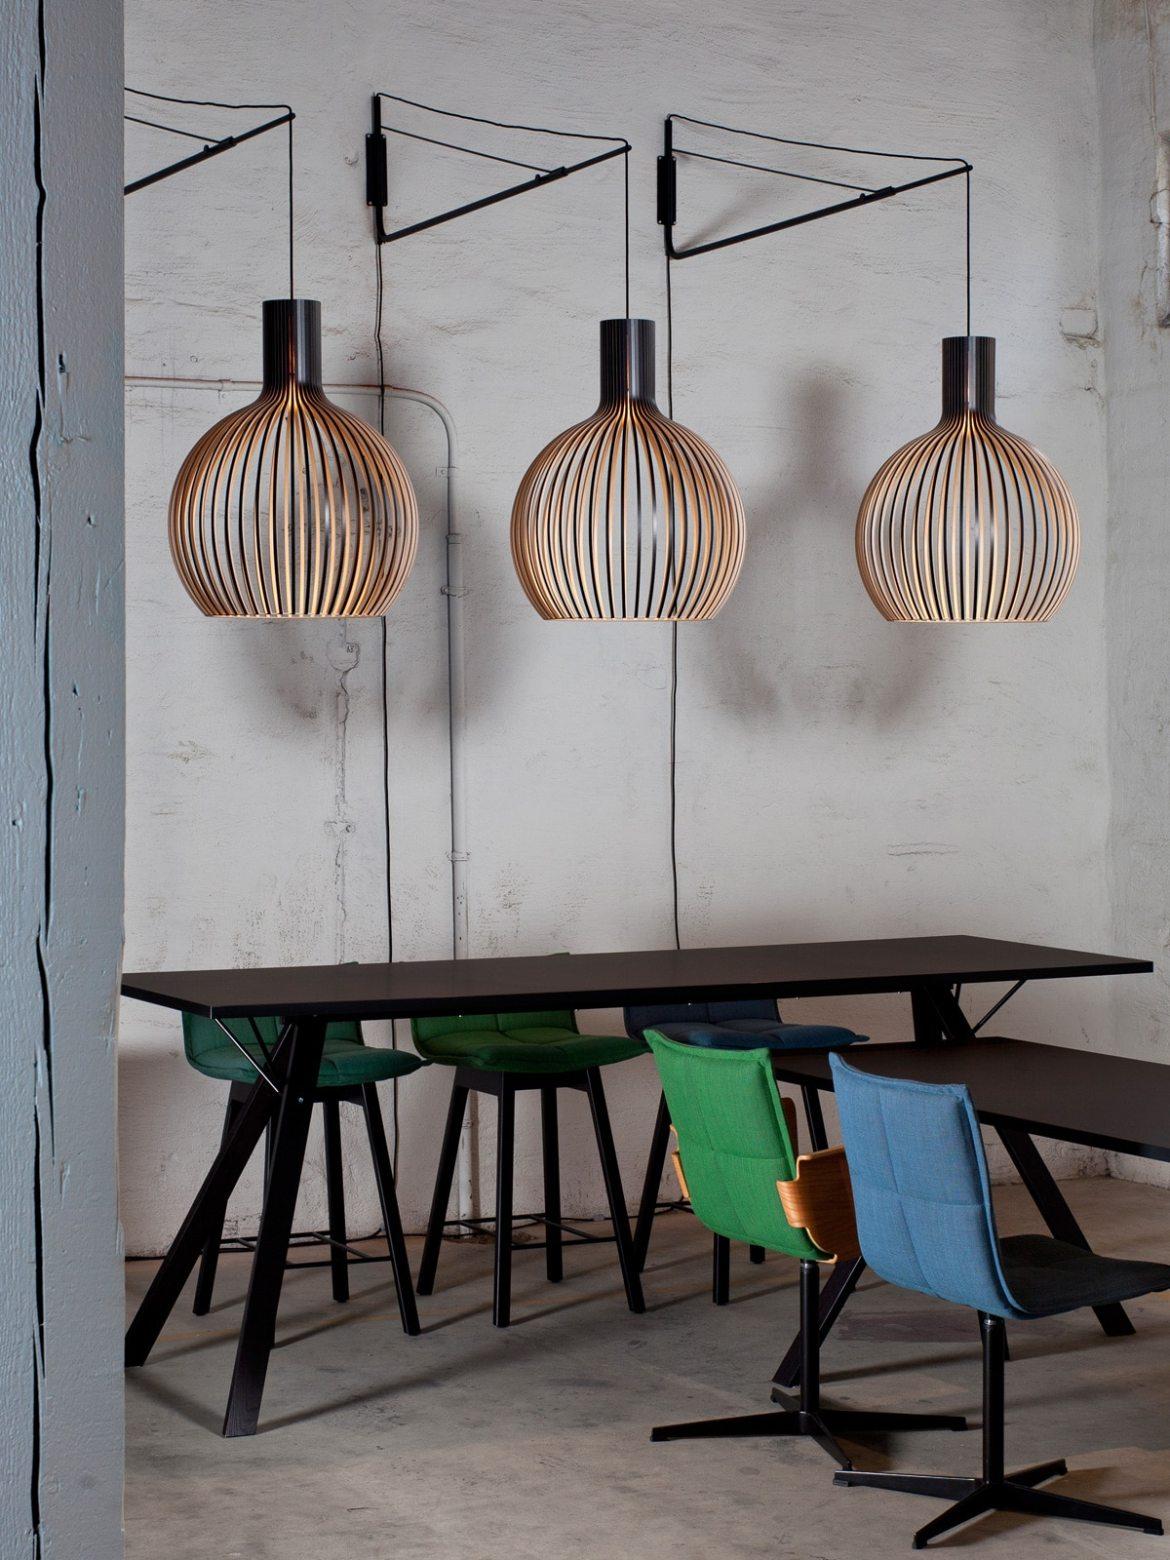 DesignOrt Blog: Neuigkeiten Octo Small 4241 Varsi 1000 Secto Wand Halterung für Secto Leuchten Varsi 1000